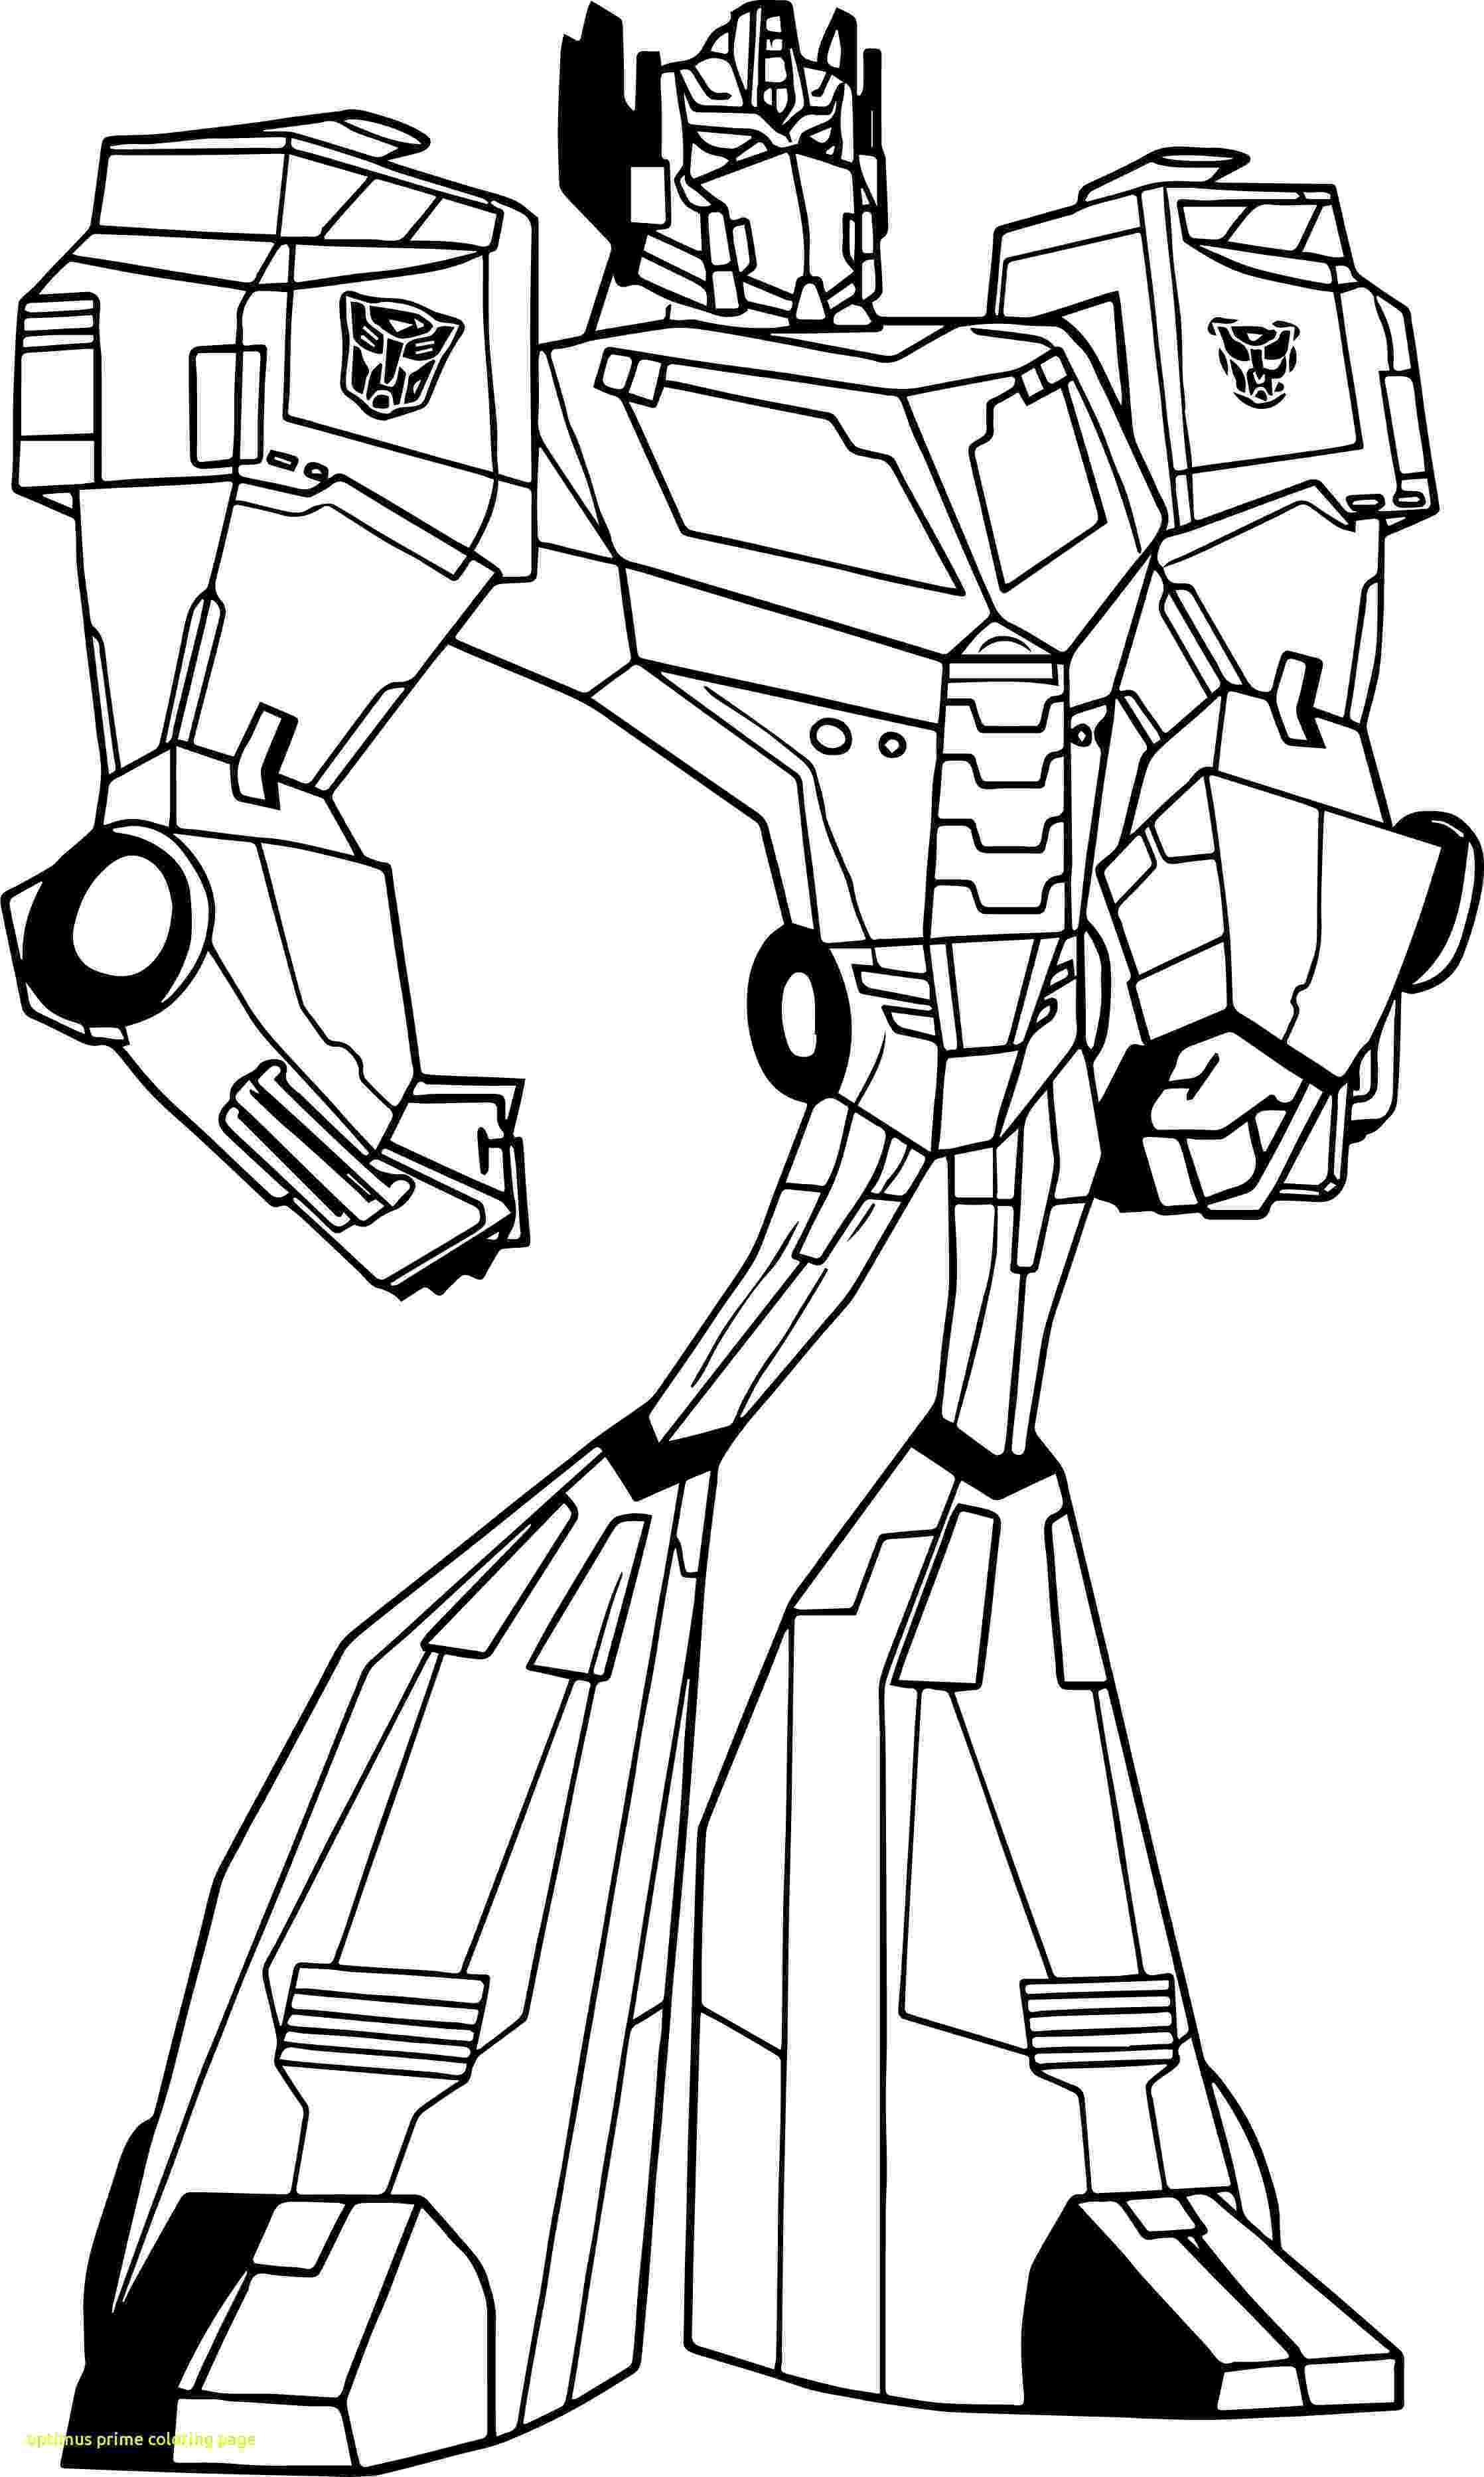 optimus prime coloring page optimus prime face coloring pages page optimus prime coloring